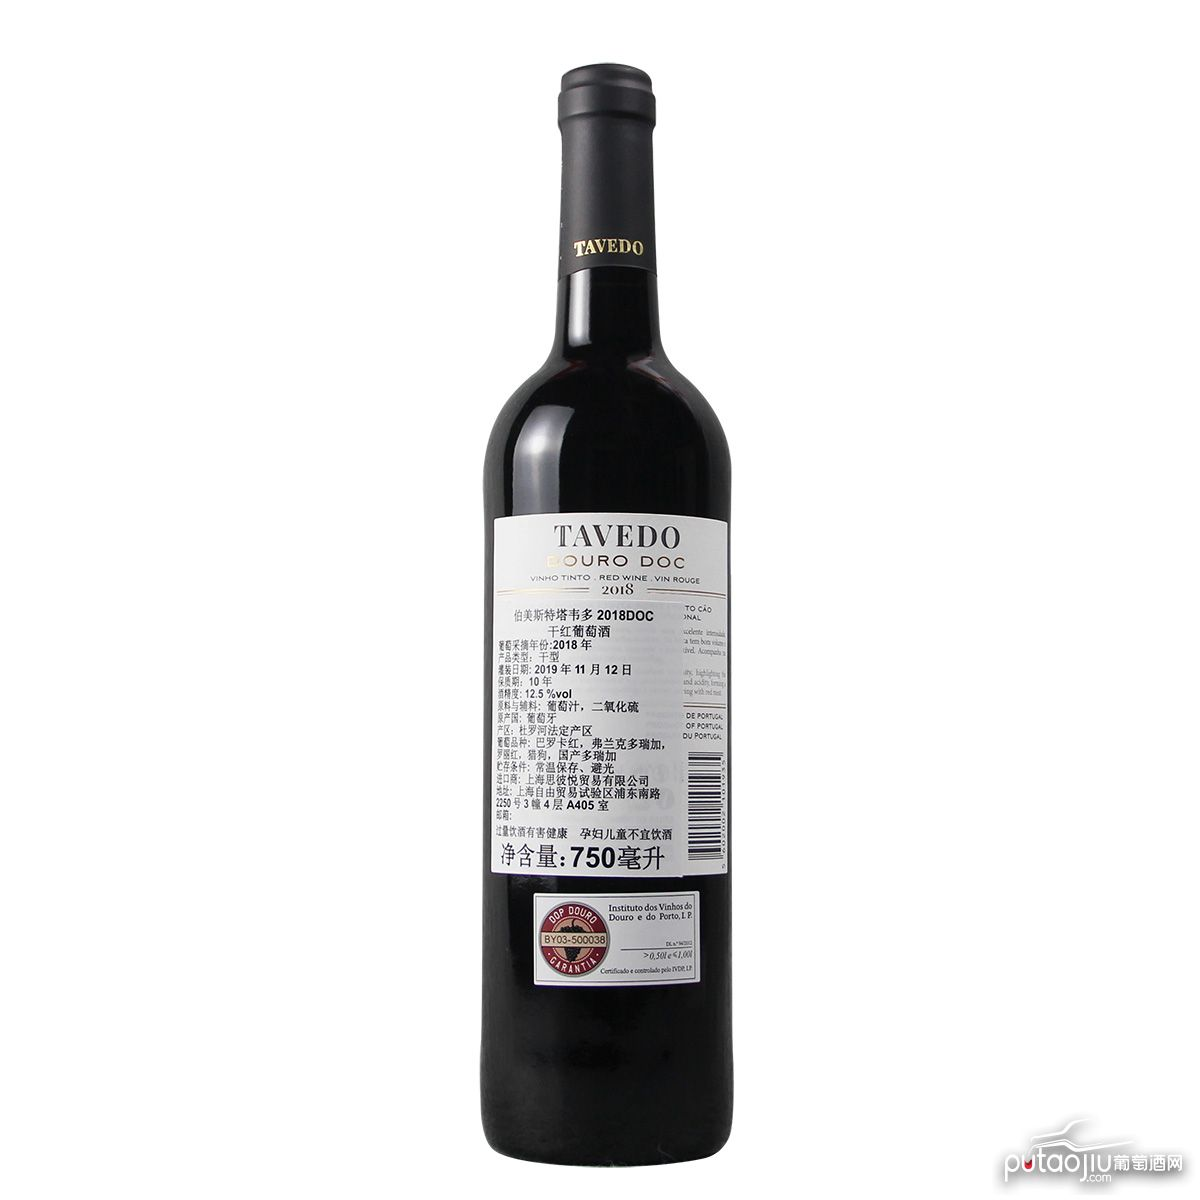 葡萄牙杜罗河伯美斯特塔韦多DOC干红葡萄酒红酒